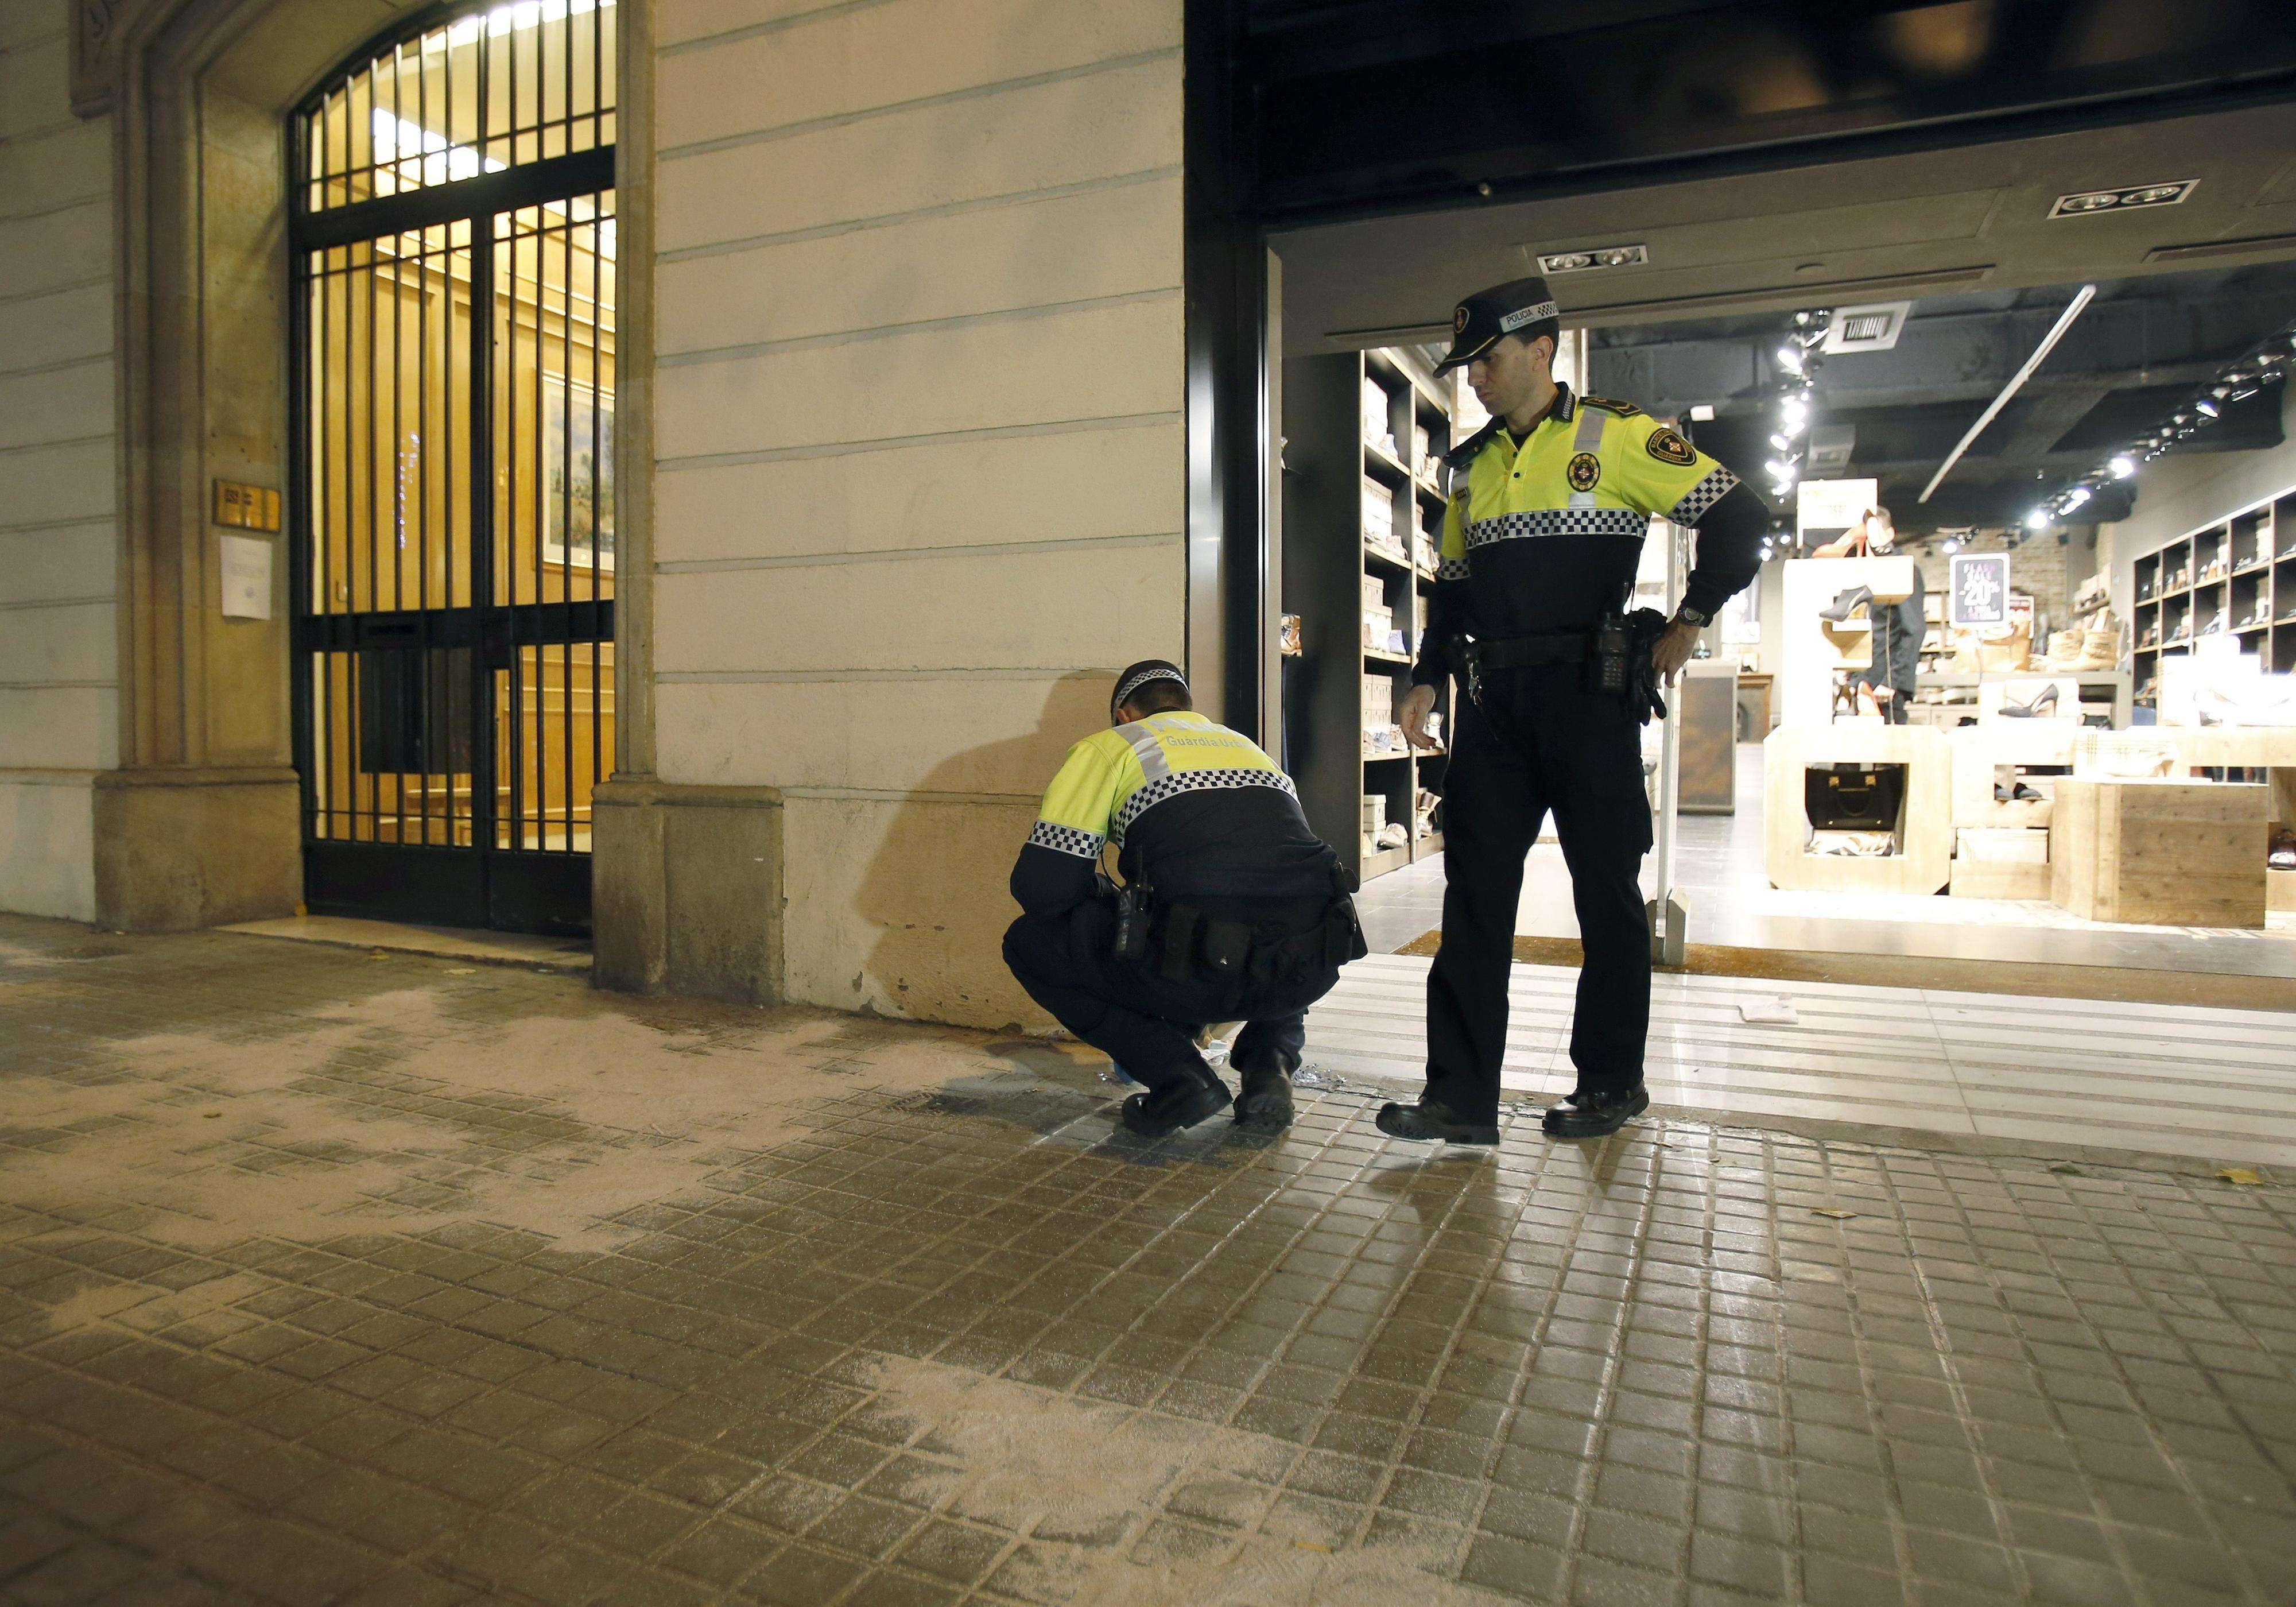 Agentes de la Guardia Urbana de Barcelona ante el lugar donde tuvo lugar la pelea con armas blancas, en el centro de Barcelona. Foto: EFE en español